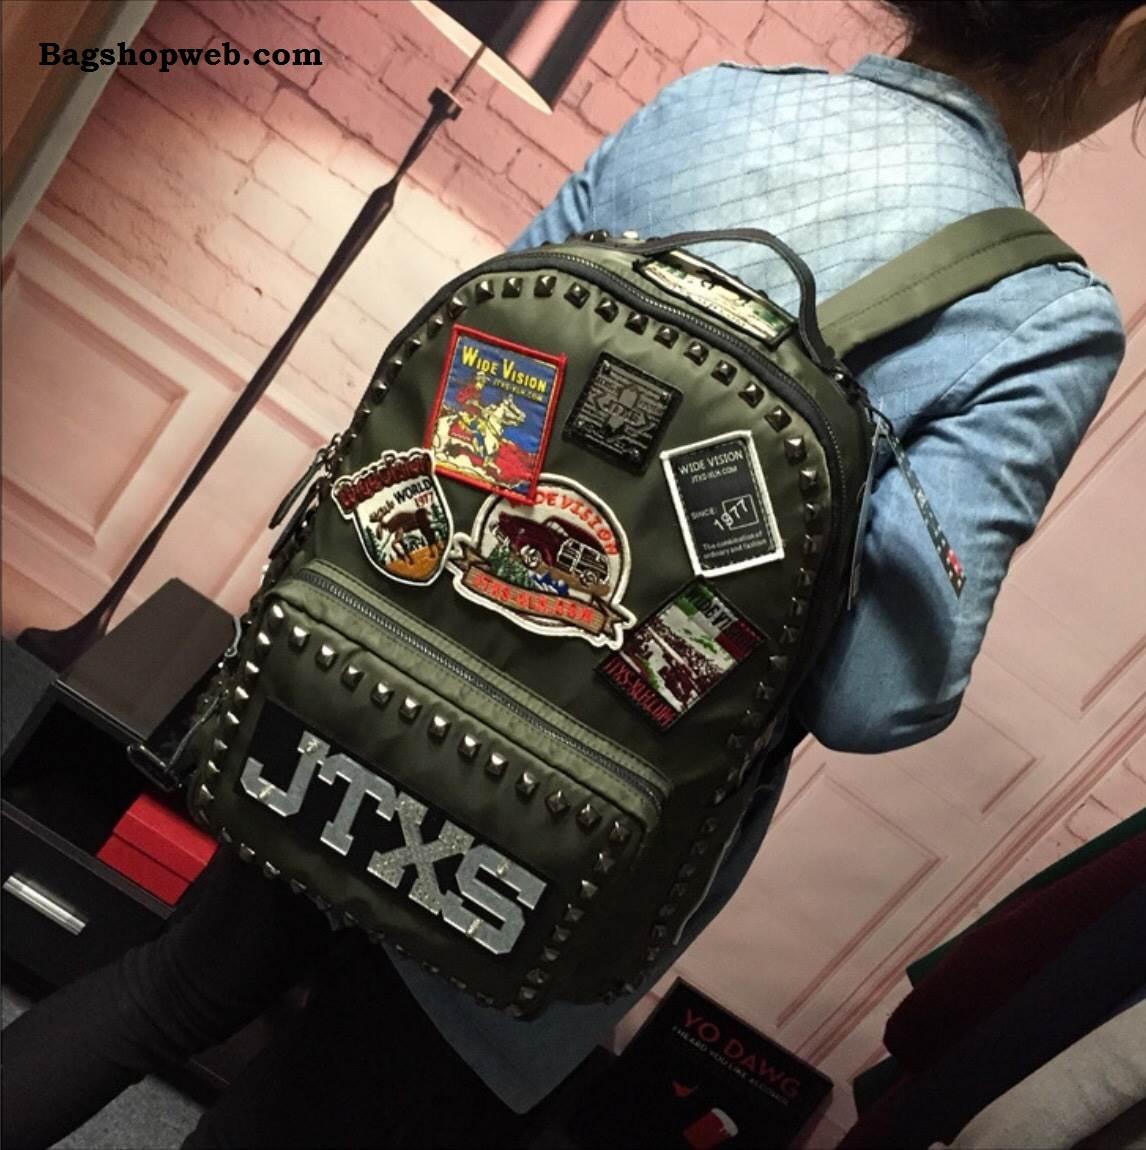 กระเป๋าเป้ JTXS HONGKONG BACKPACK 2017 สีเขียว ราคา 1,590 บาท Free Ems